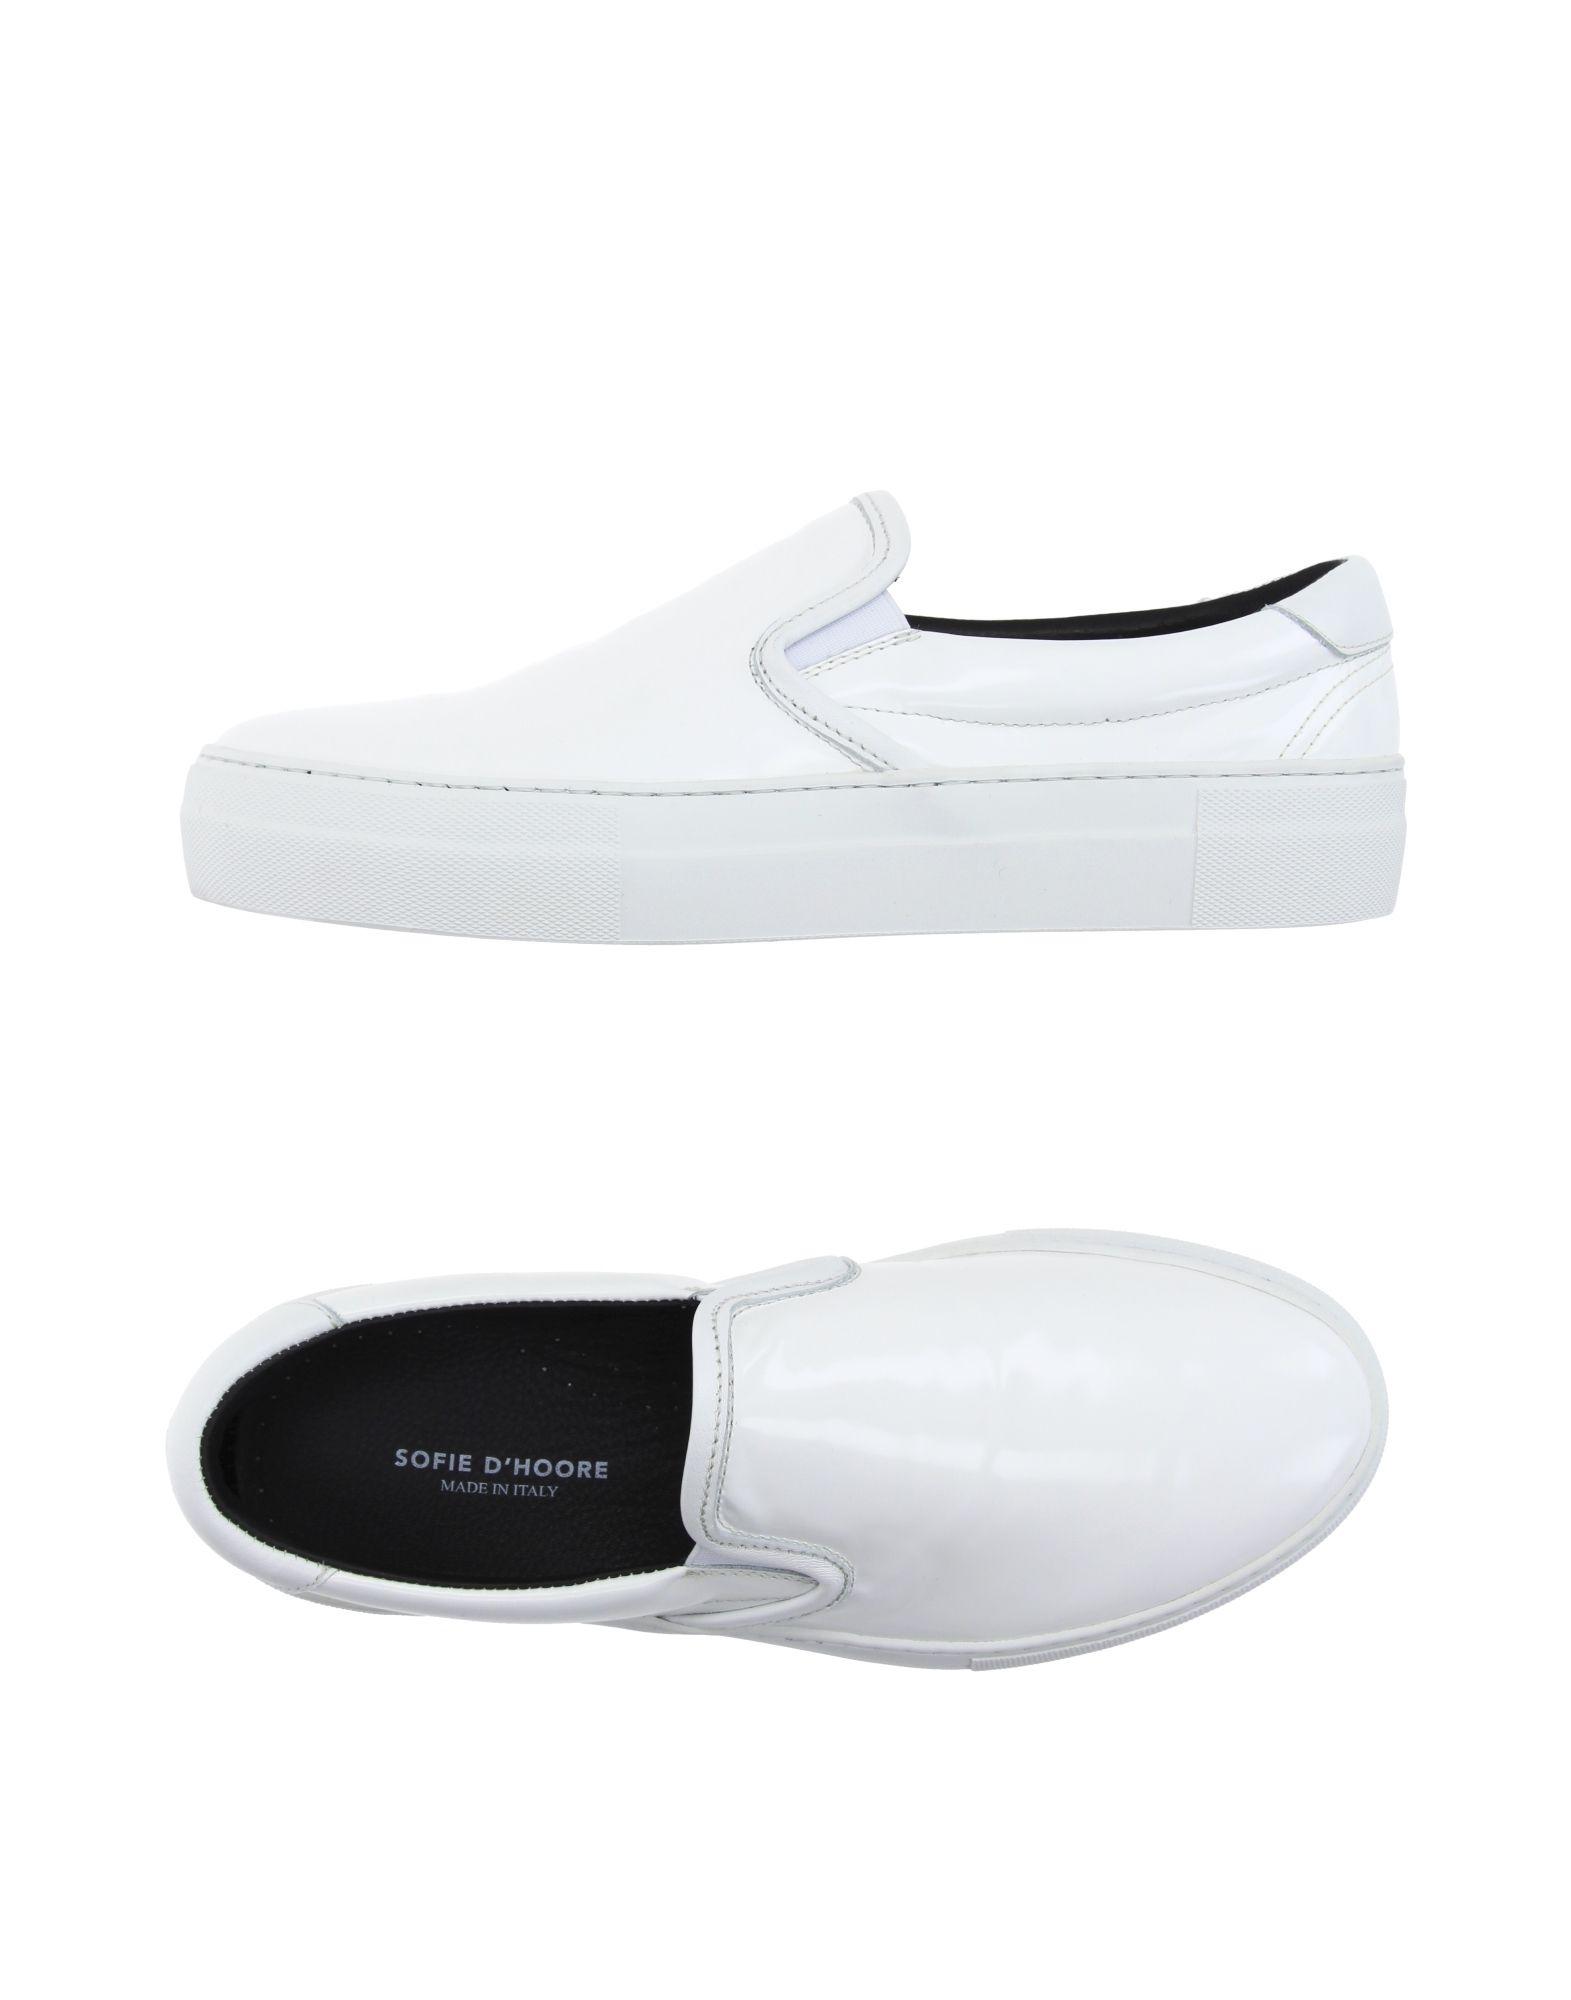 Stilvolle Sneakers billige Schuhe Sofie D'hoore Sneakers Stilvolle Damen  11021717EW 31b03a